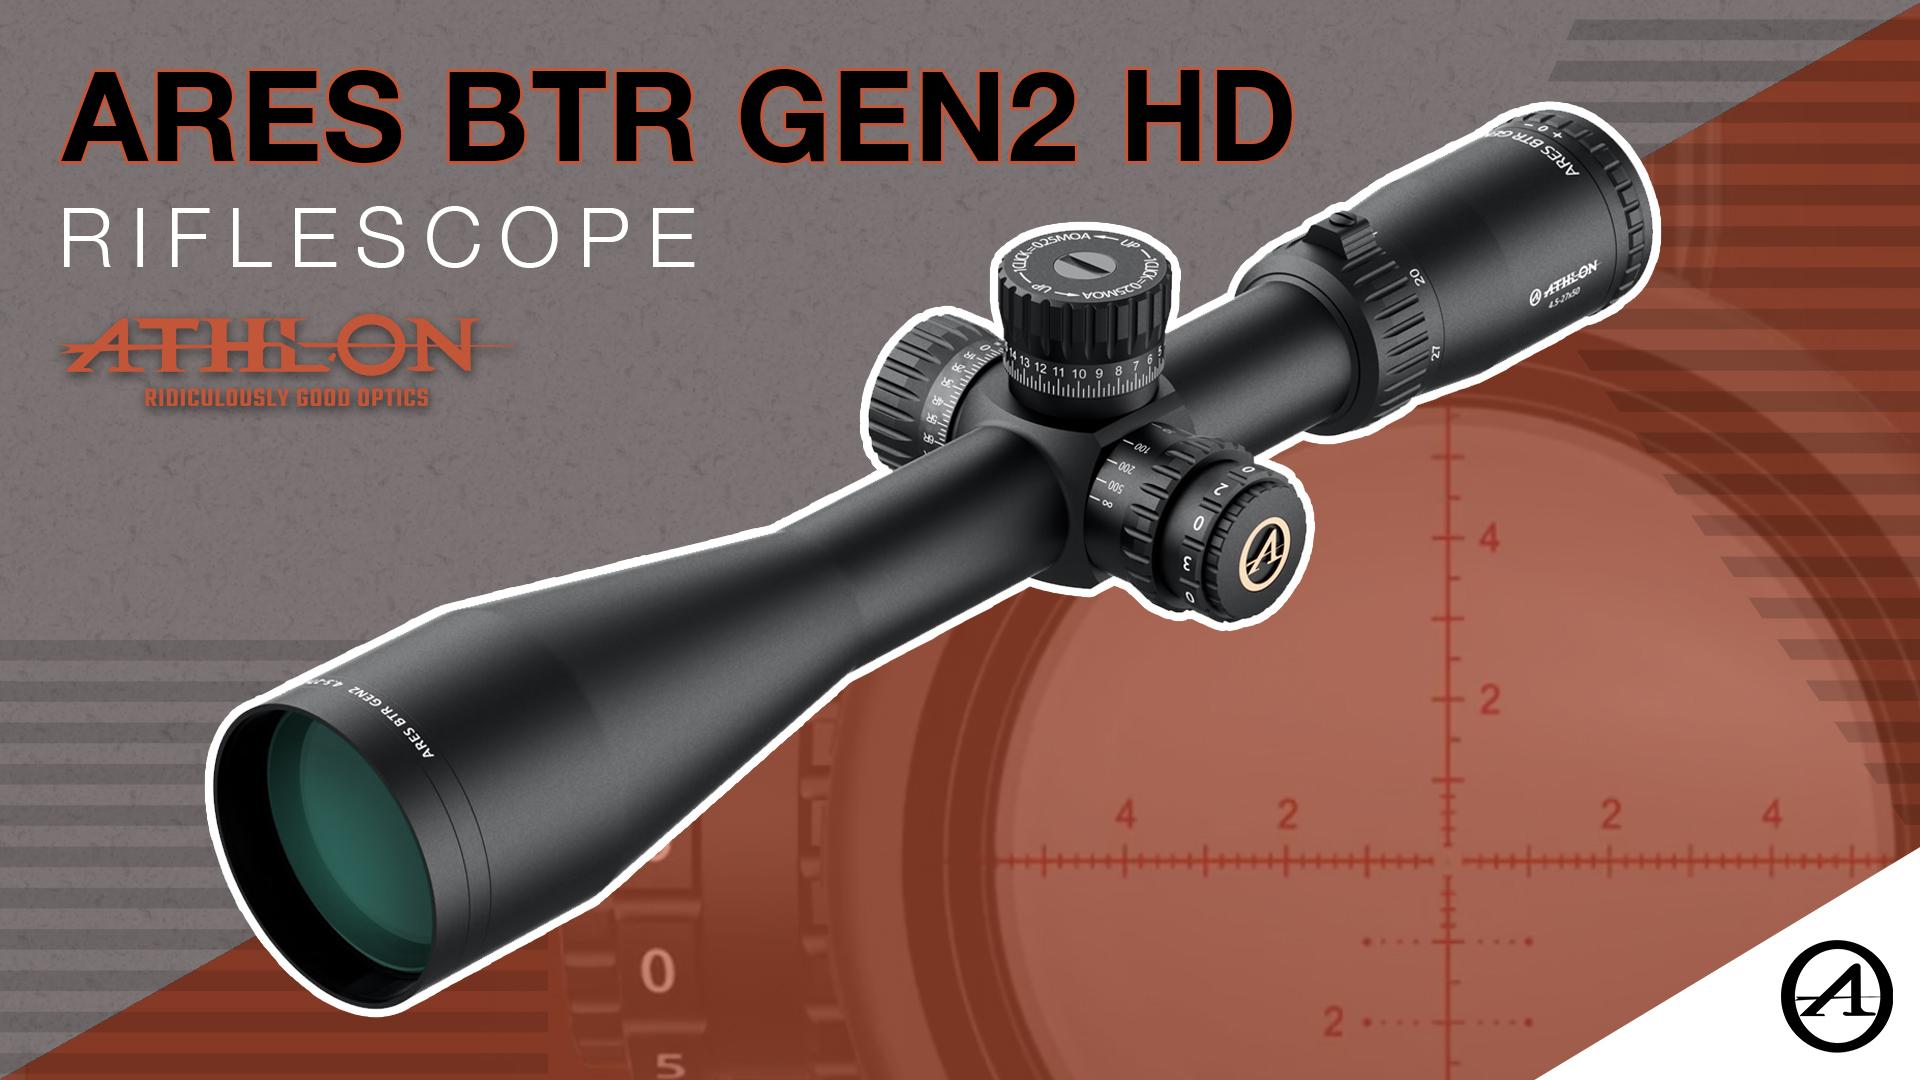 Ares BTR GEN2 HD